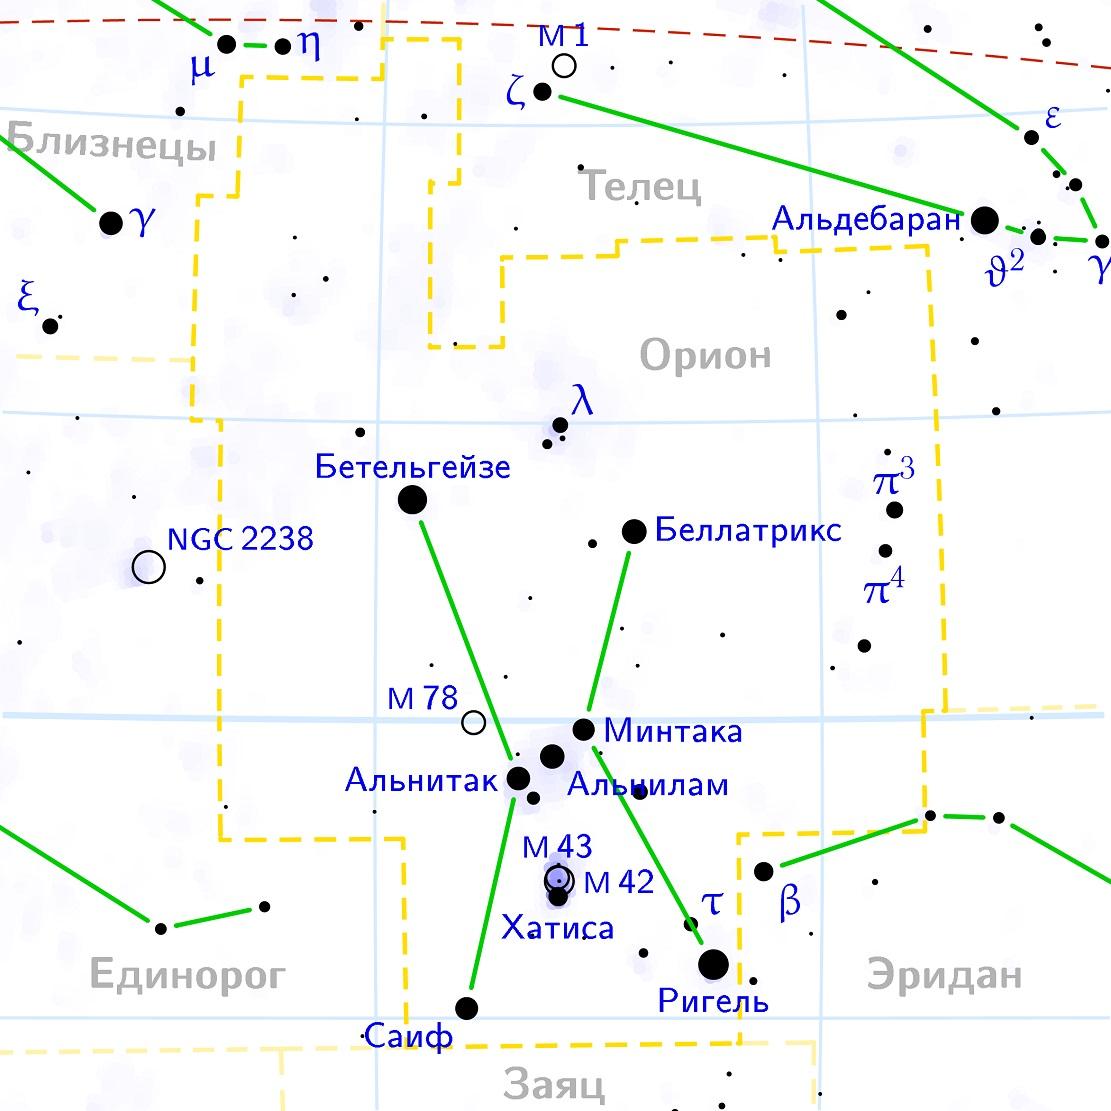 Положение туманности M43 в созвездии Ориона